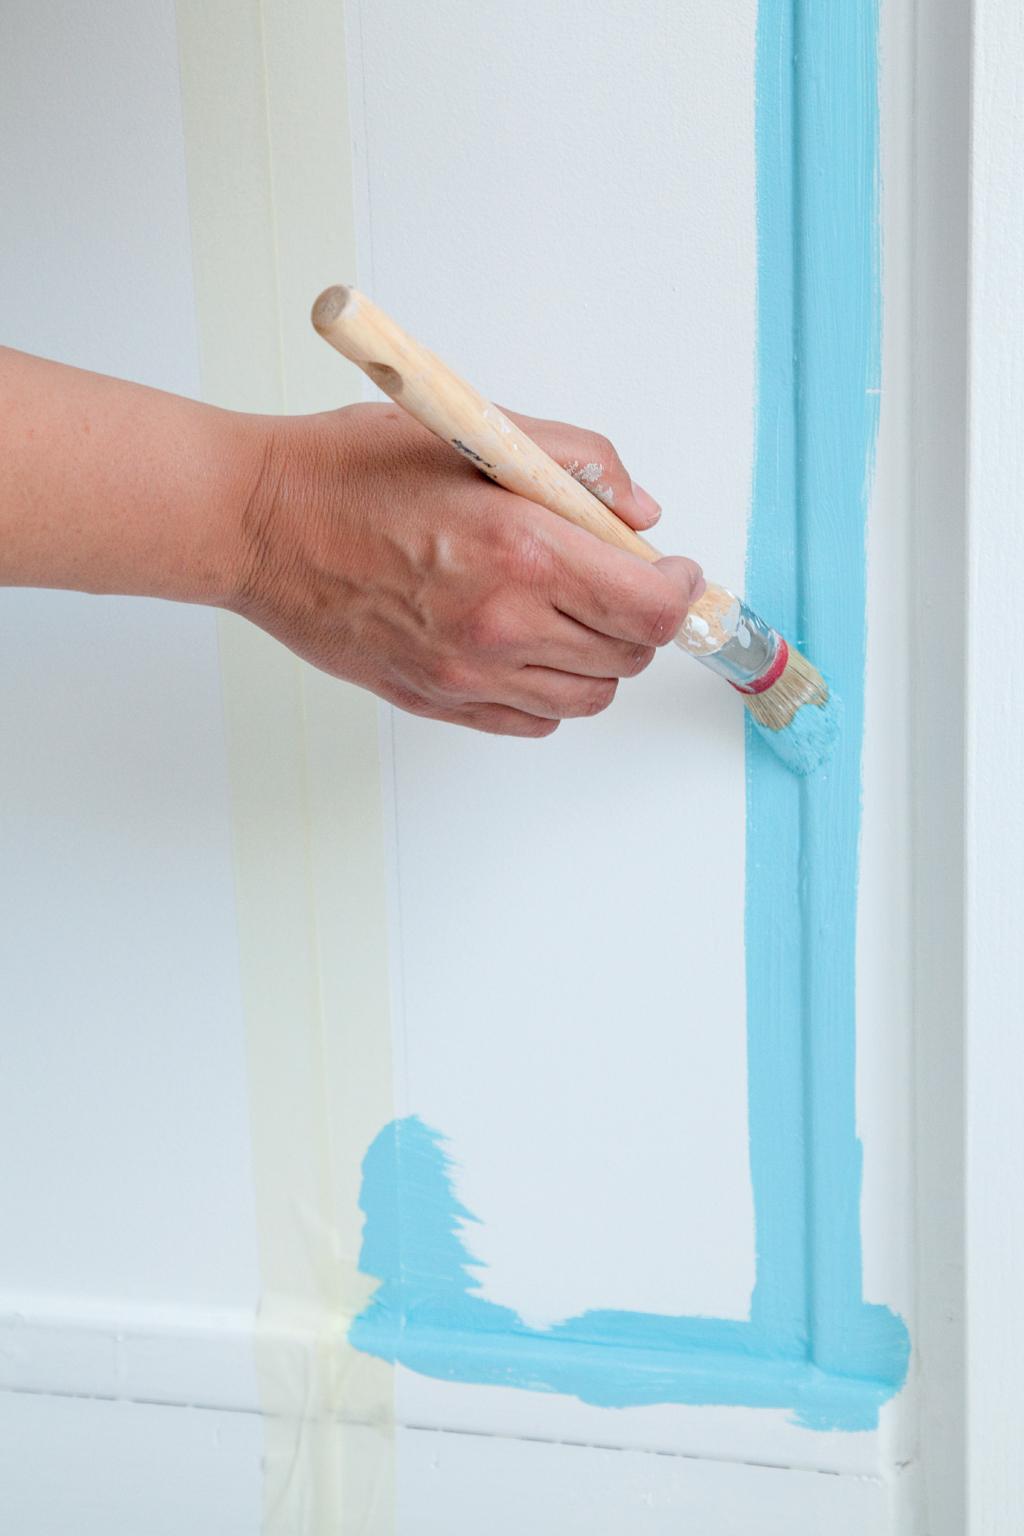 Comment peindre une porte au rouleau diy family for Comment decorer une porte plane